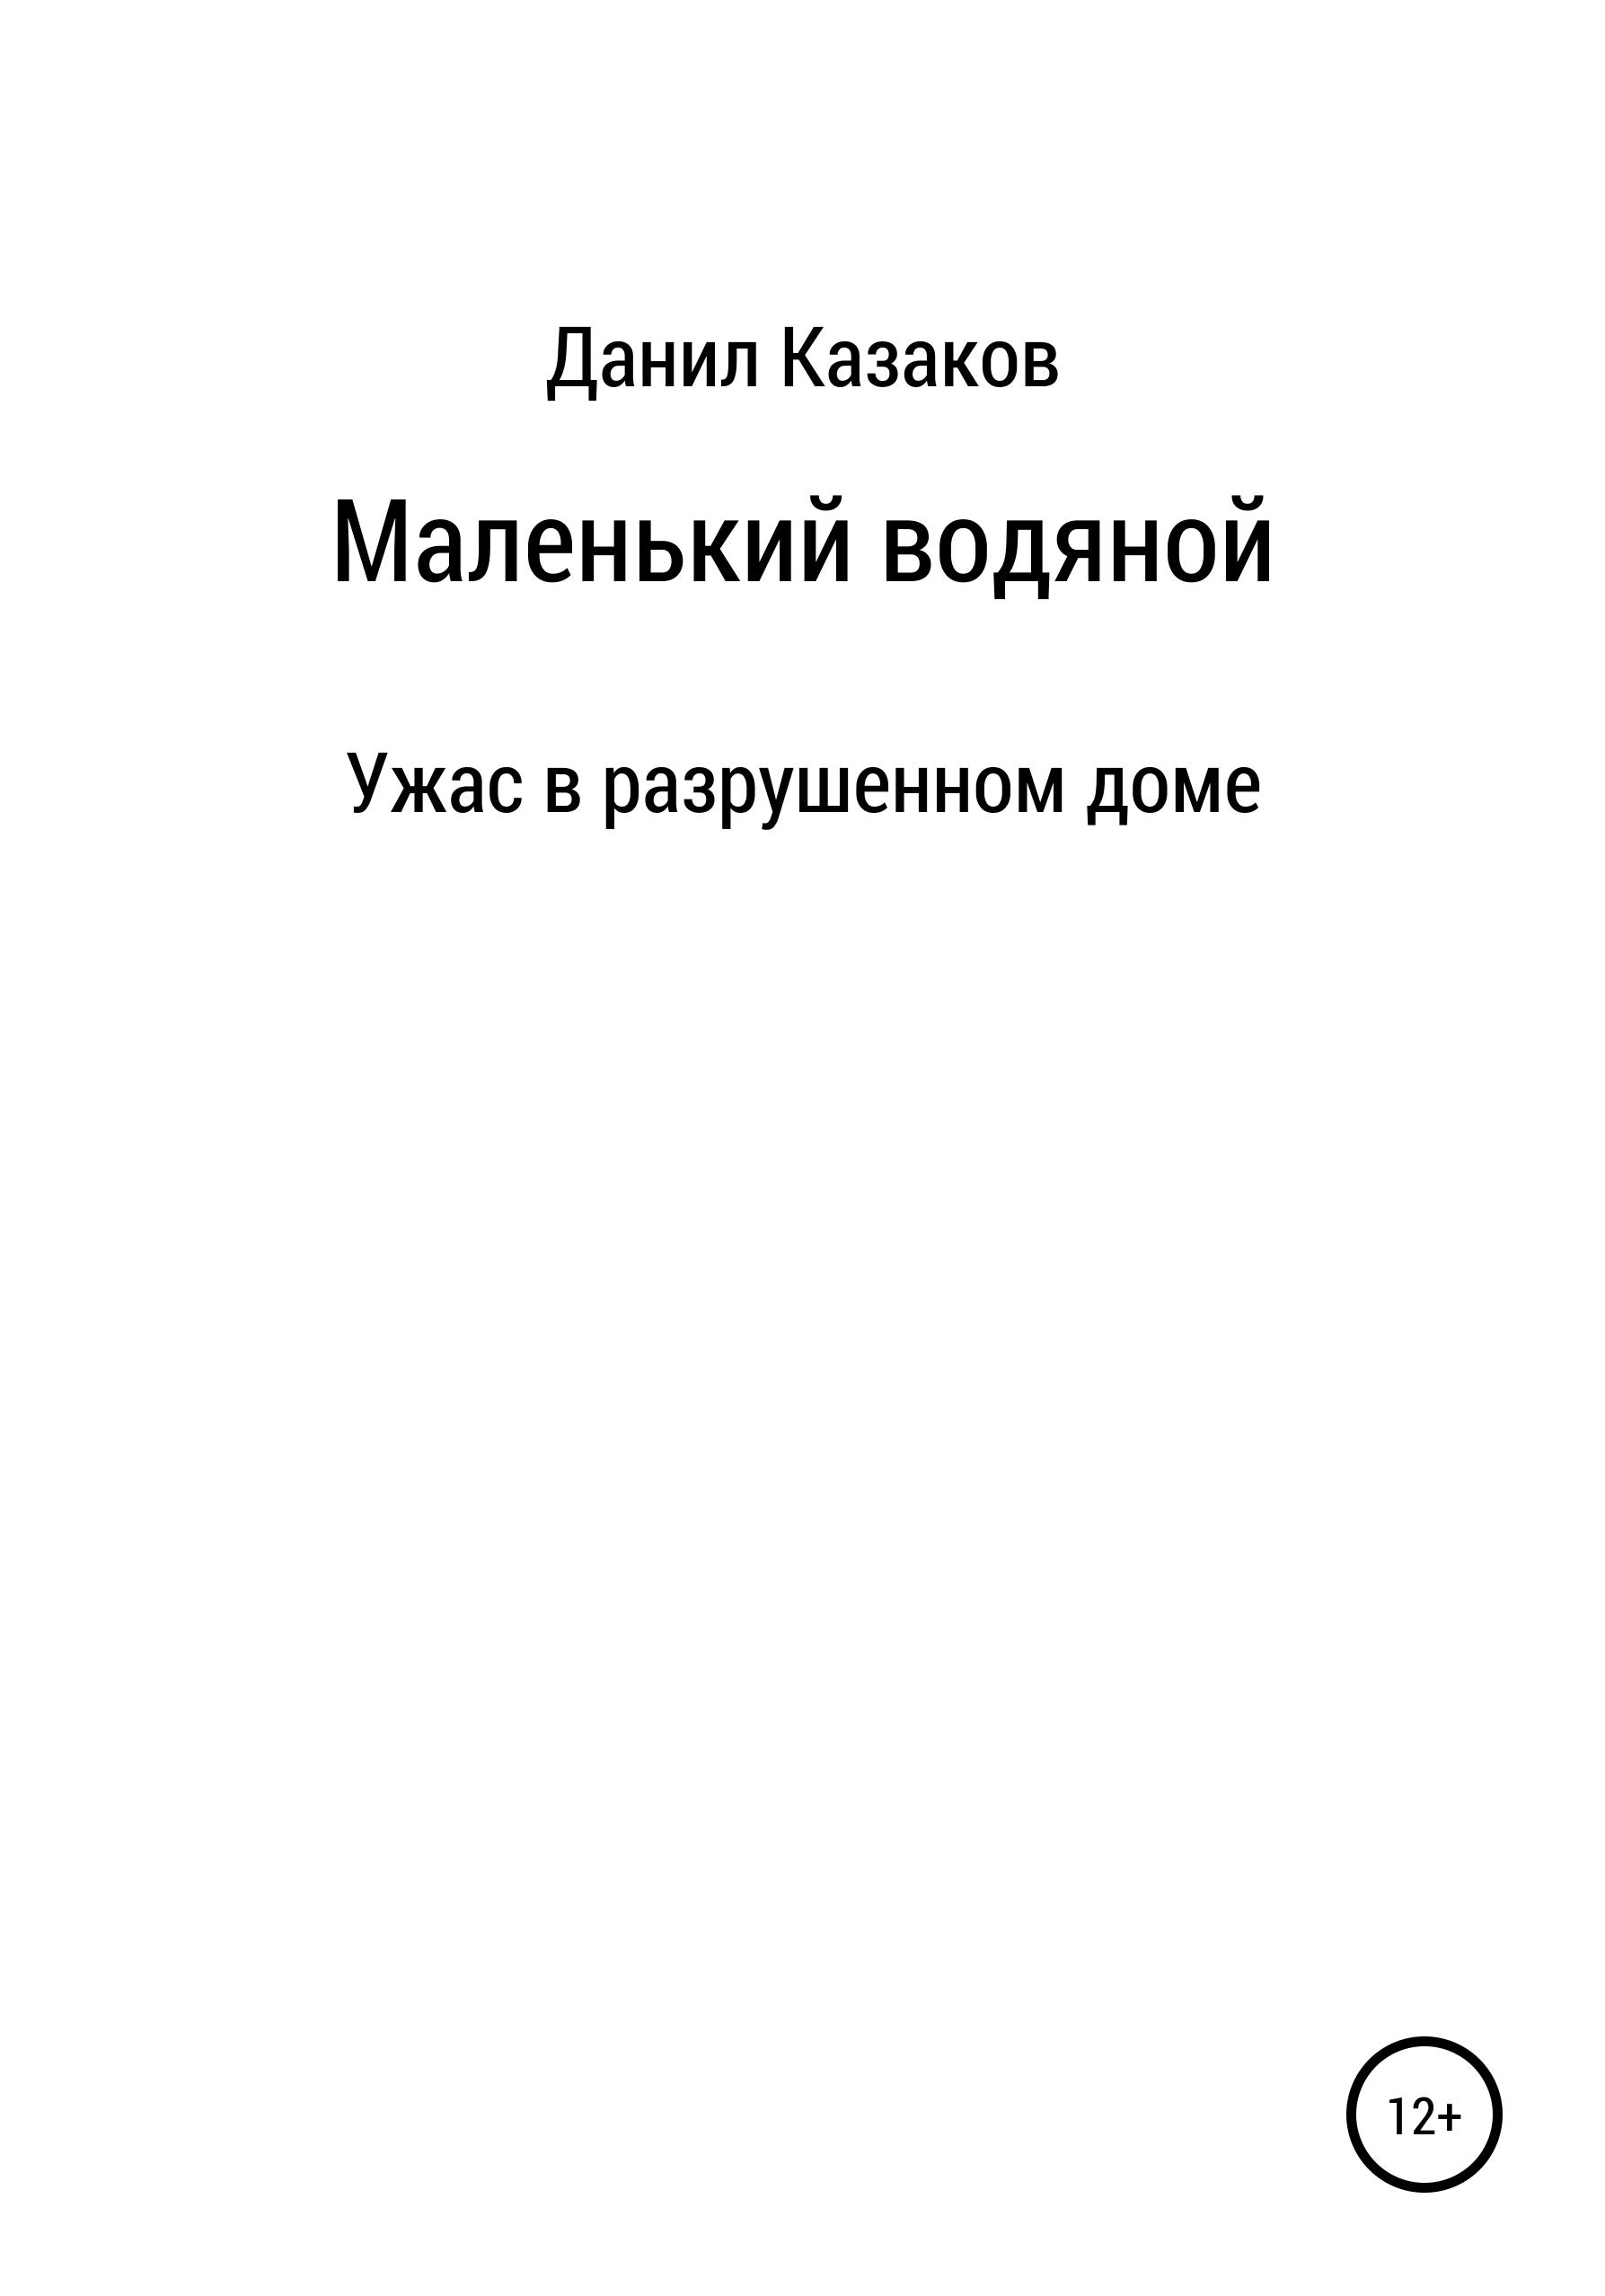 Купить книгу Маленький водяной, автора Данила Васильевича Казакова